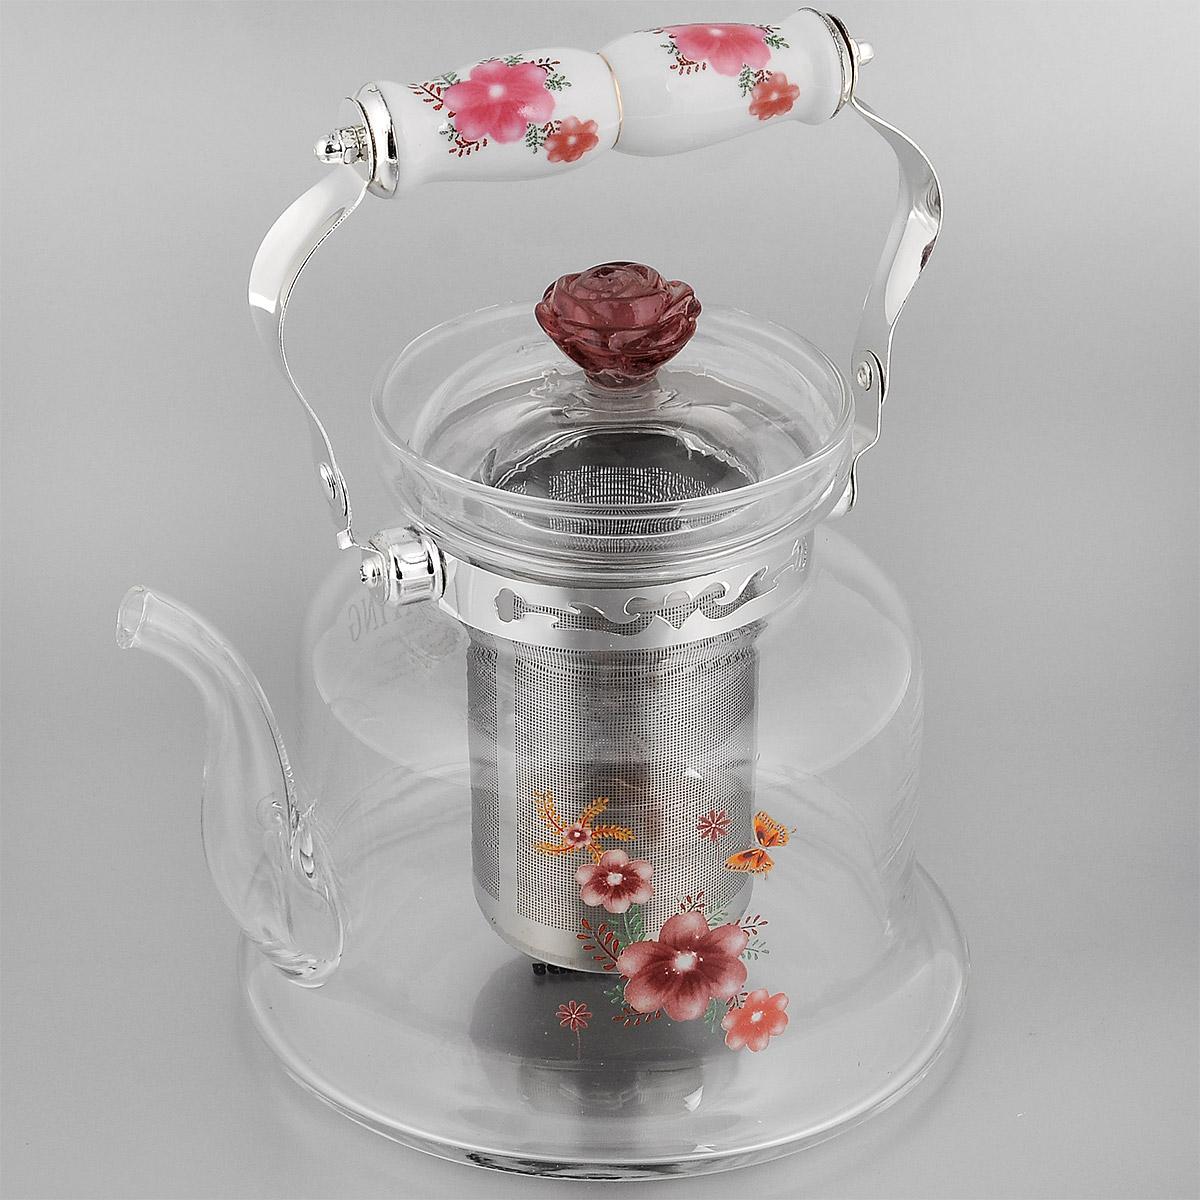 Чайник заварочный Bekker Koch, цвет: красный, 1,4 л. ВК-7620ВК-7620 красные цветыЗаварочный чайник Bekker Koch выполнен из жаростойкого стекла, которое хорошо удерживает тепло. Ручка и съемное ситечко внутри чайника выполнены из высококачественной нержавеющей стали. Высокая ручка чайника, снабженная фарфоровой насадкой, позволяет с легкостью удерживать его на весу. Съемное ситечко для заварки предотвращает попадание чаинок и листочков в настой. Заварочный чайник украшен изящным рисунком, что придает ему элегантность. Заварочный чайник из стекла удобно использовать для повседневного заваривания чая практически любого сорта. Но цветочные, фруктовые, красные и желтые сорта чая лучше других раскрывают свой вкус и аромат при заваривании именно в стеклянных чайниках и сохраняют полезные ферменты и витамины, содержащиеся в чайных листах.Высота чайника (без учета ручки и крышки): 17,5 см.Размер съемного ситечка: 9 см х 9 смх 11 см.Диаметр чайника (по верхнему краю): 9,5 см.